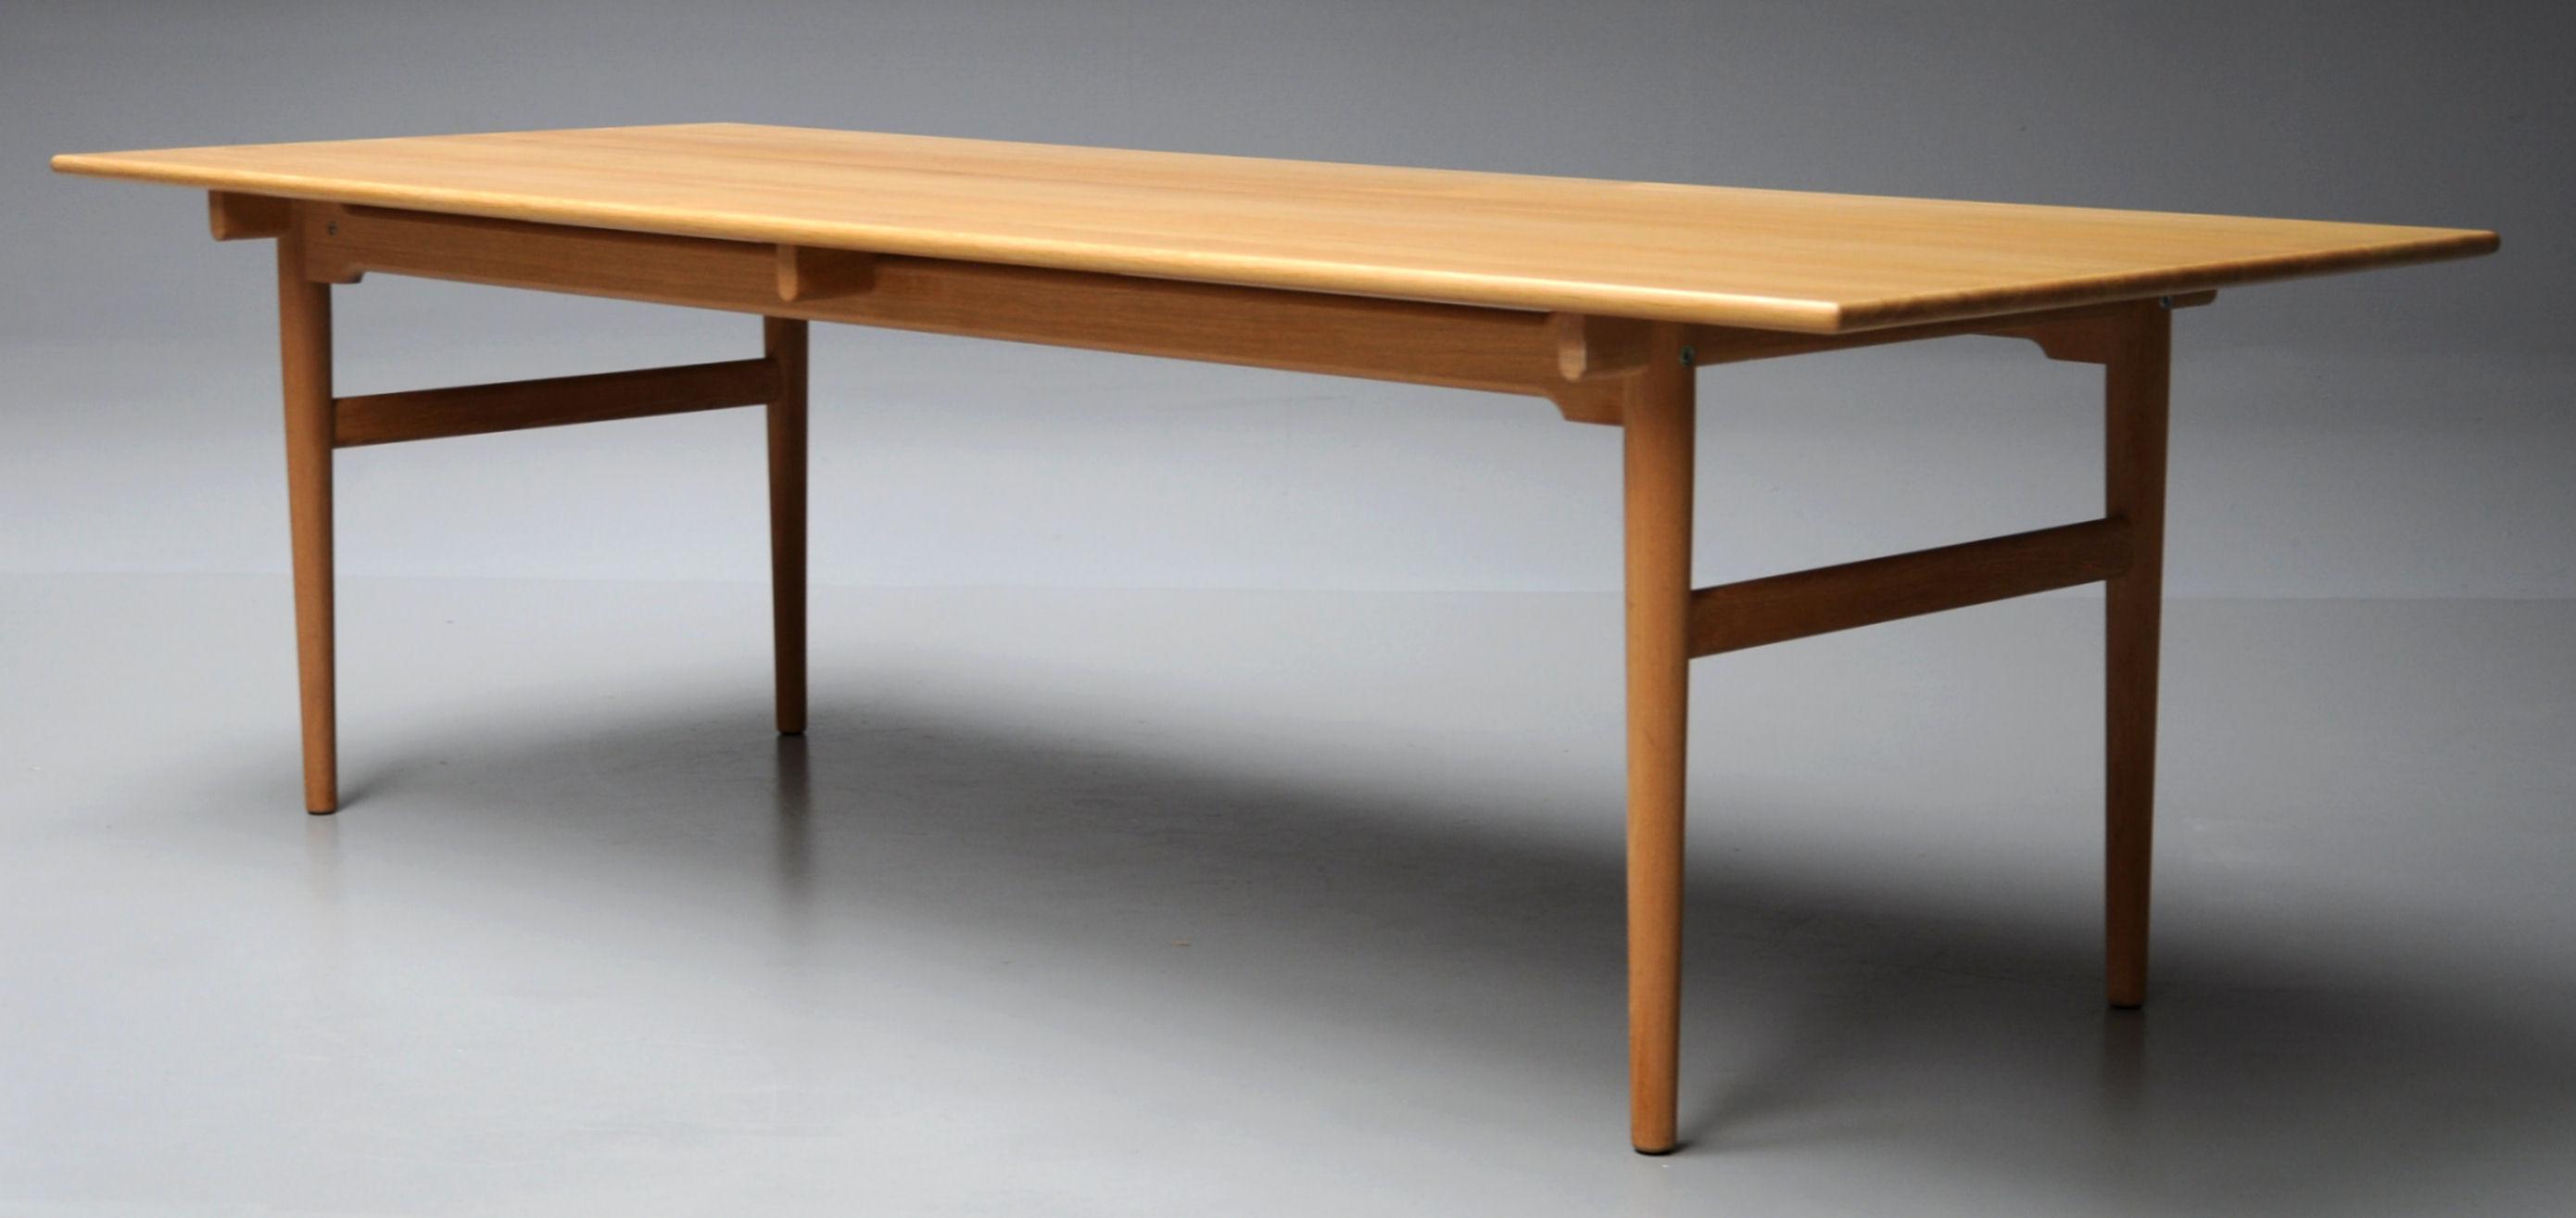 wegner bord Auktionstipset   Hans J. Wegner. Spisebord i massiv eg, model  wegner bord